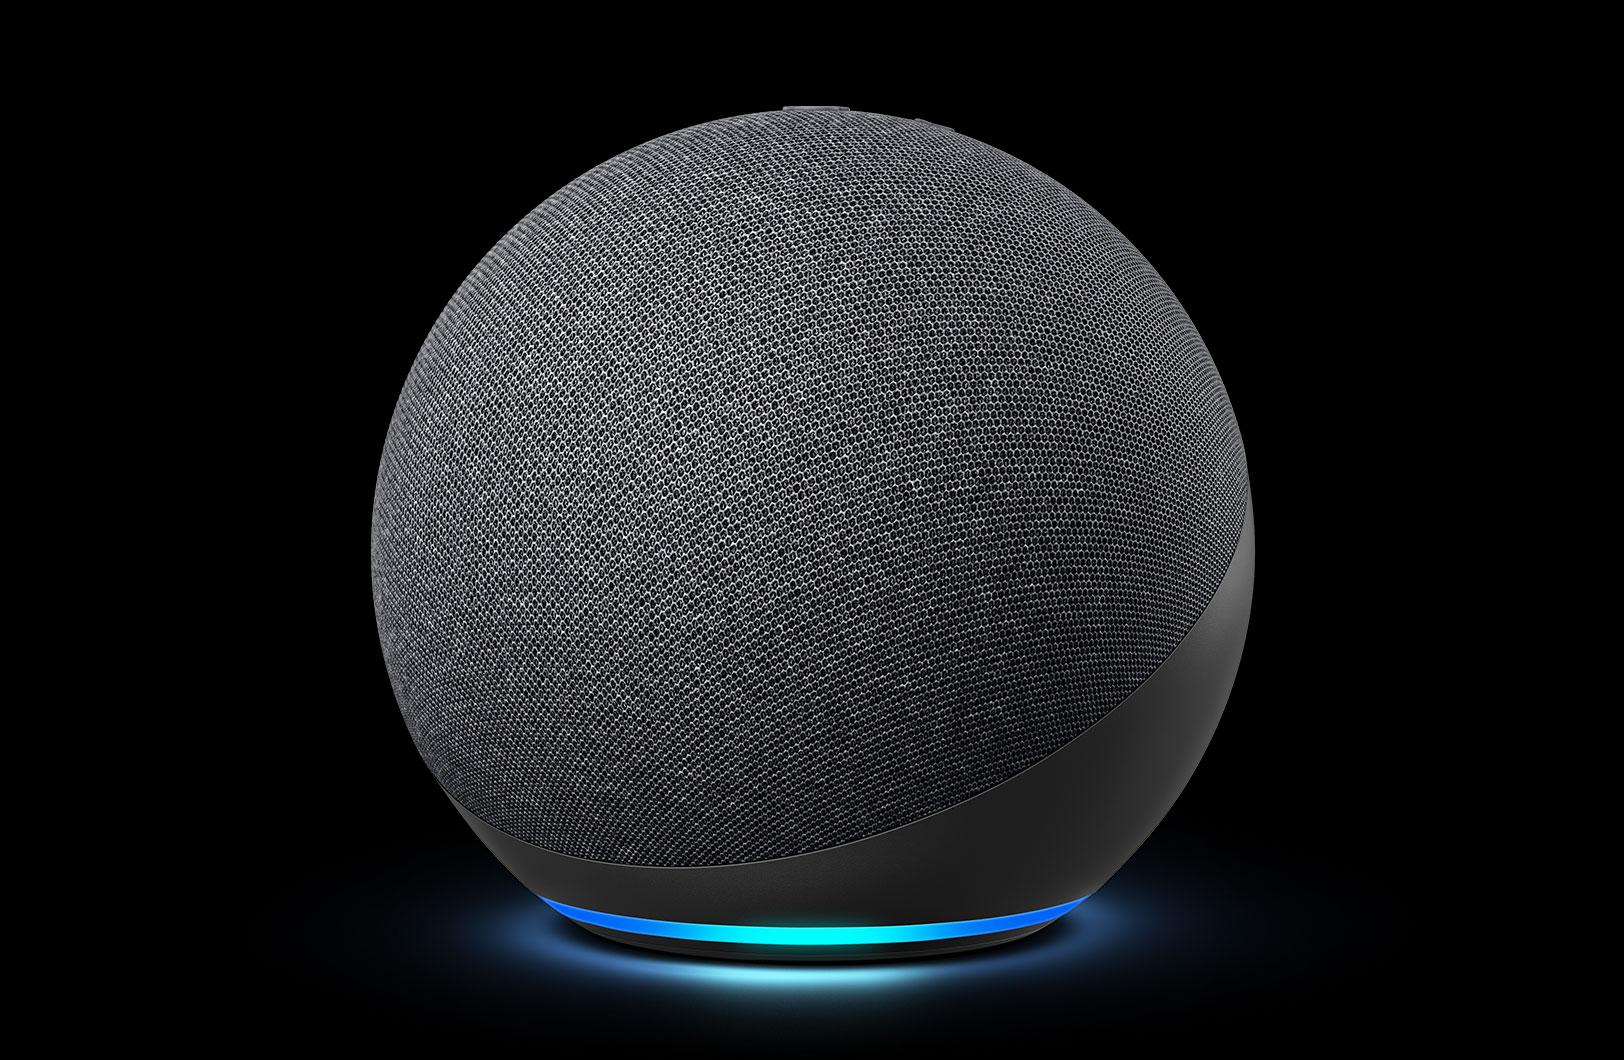 亞馬遜 Echo Dot Gen 4